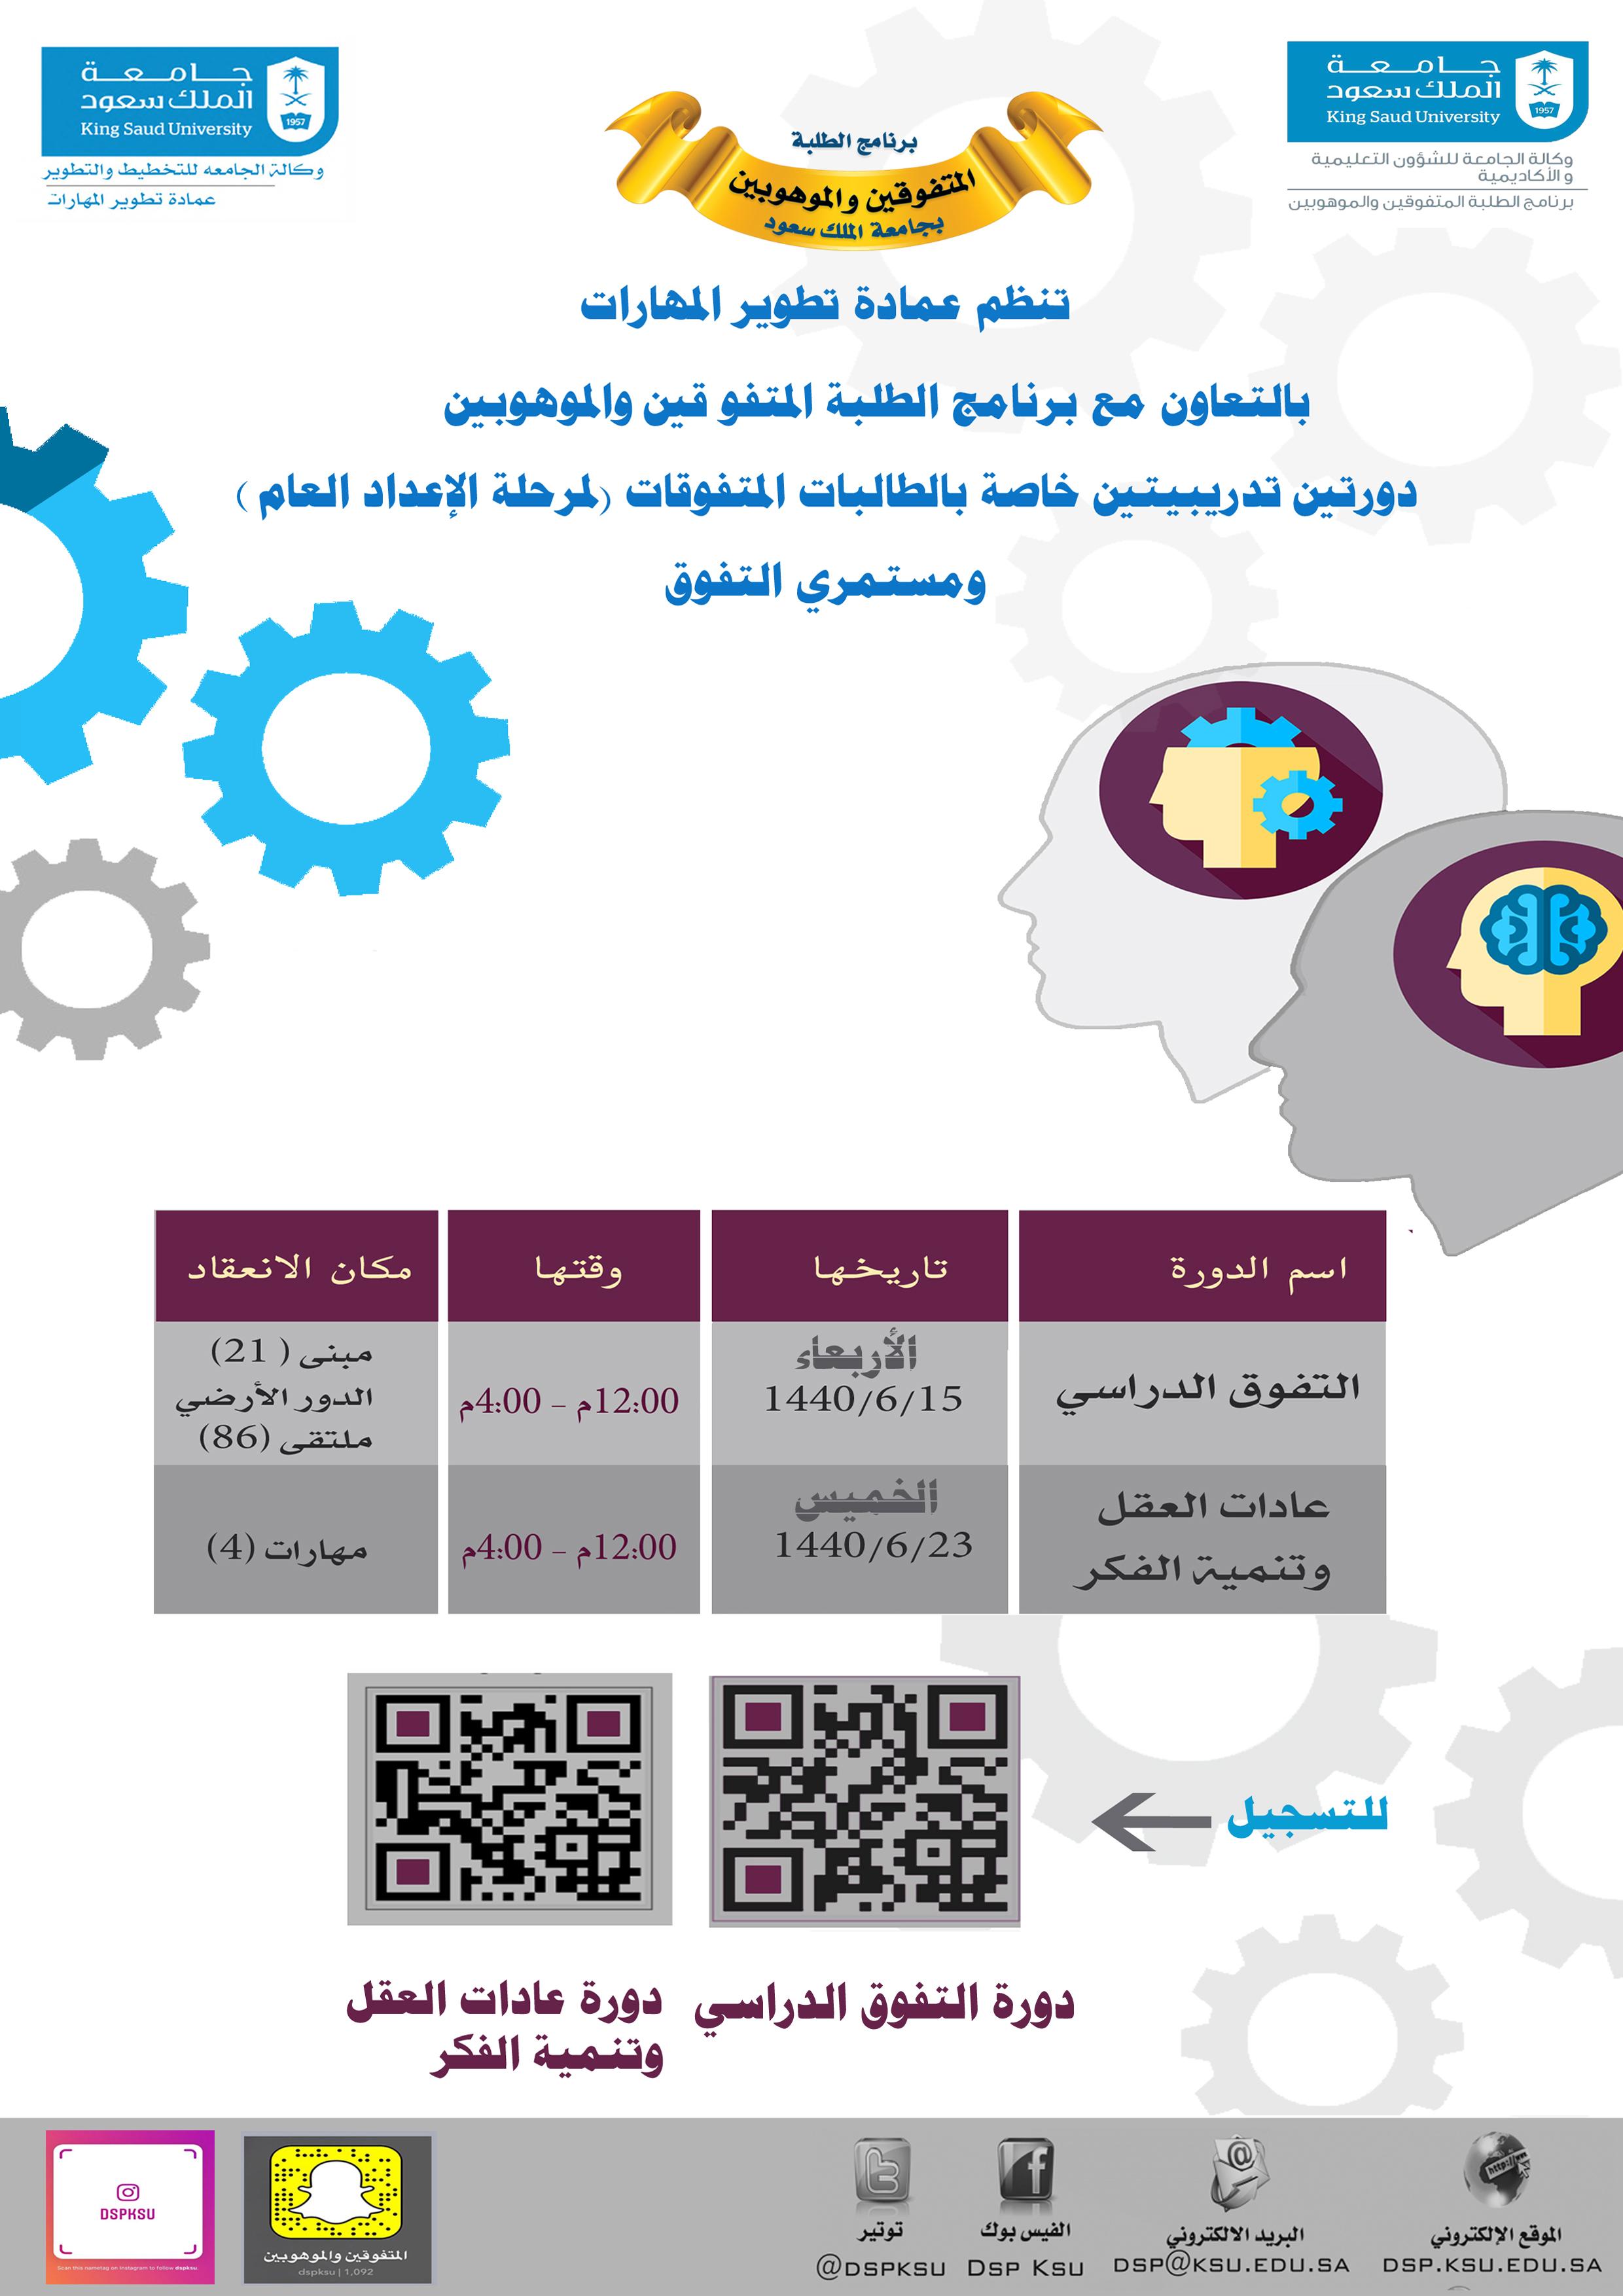 دورات تطوير المهارات للطالبات مرحلة الإعداد المتقدم